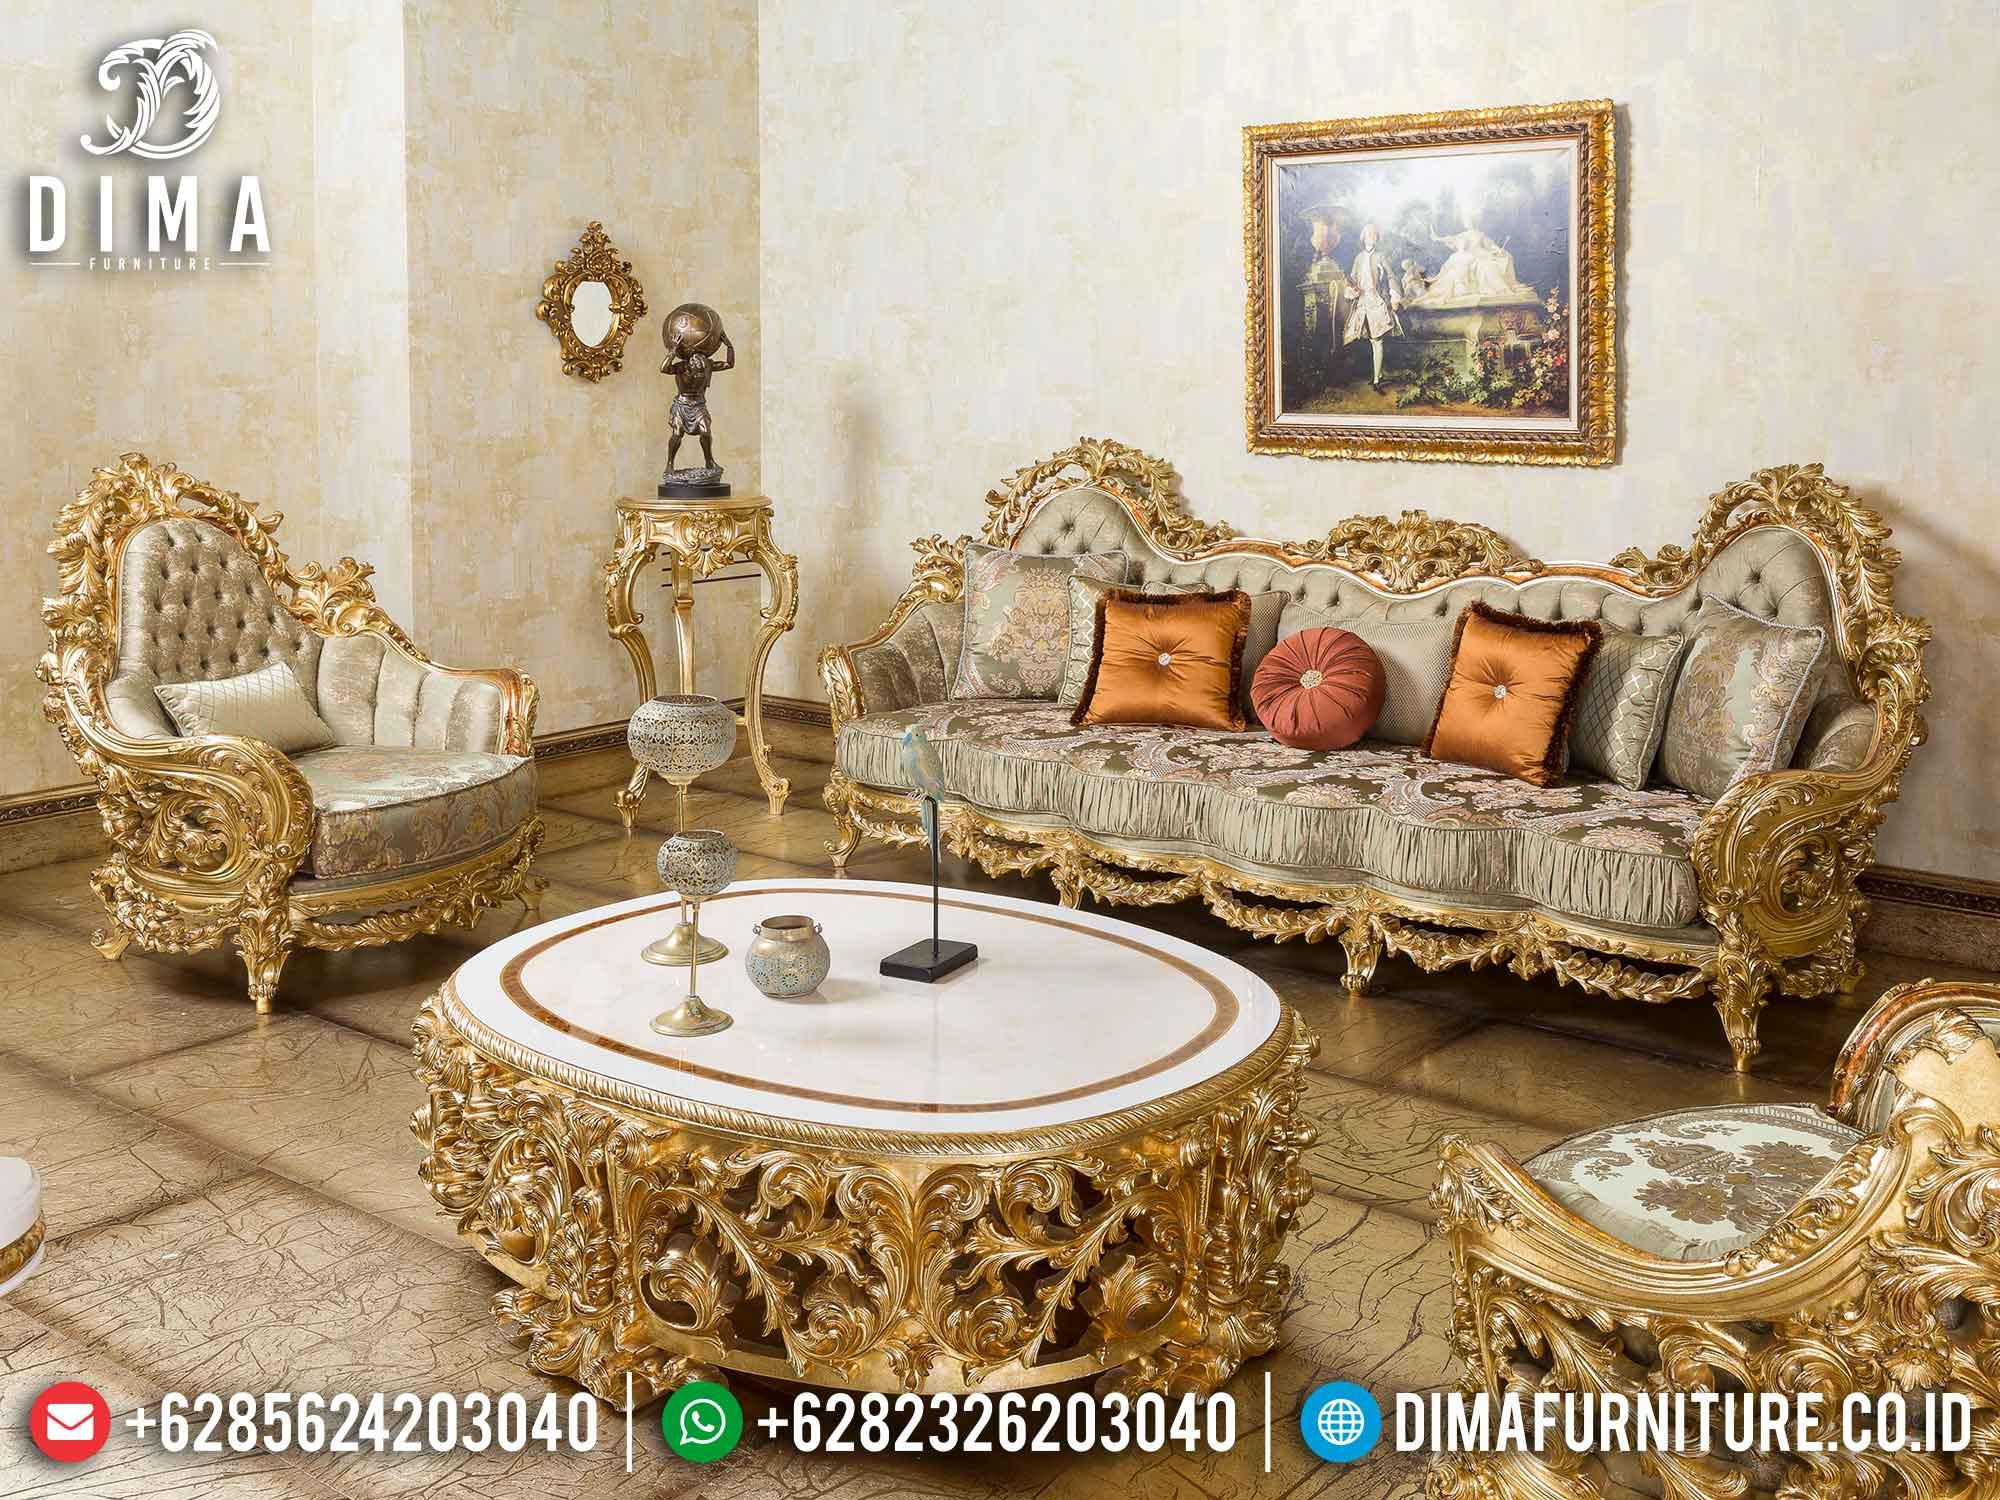 Sofa Tamu Mewah Set Classic Gold Leaf Ukiran Jepara DF-1468